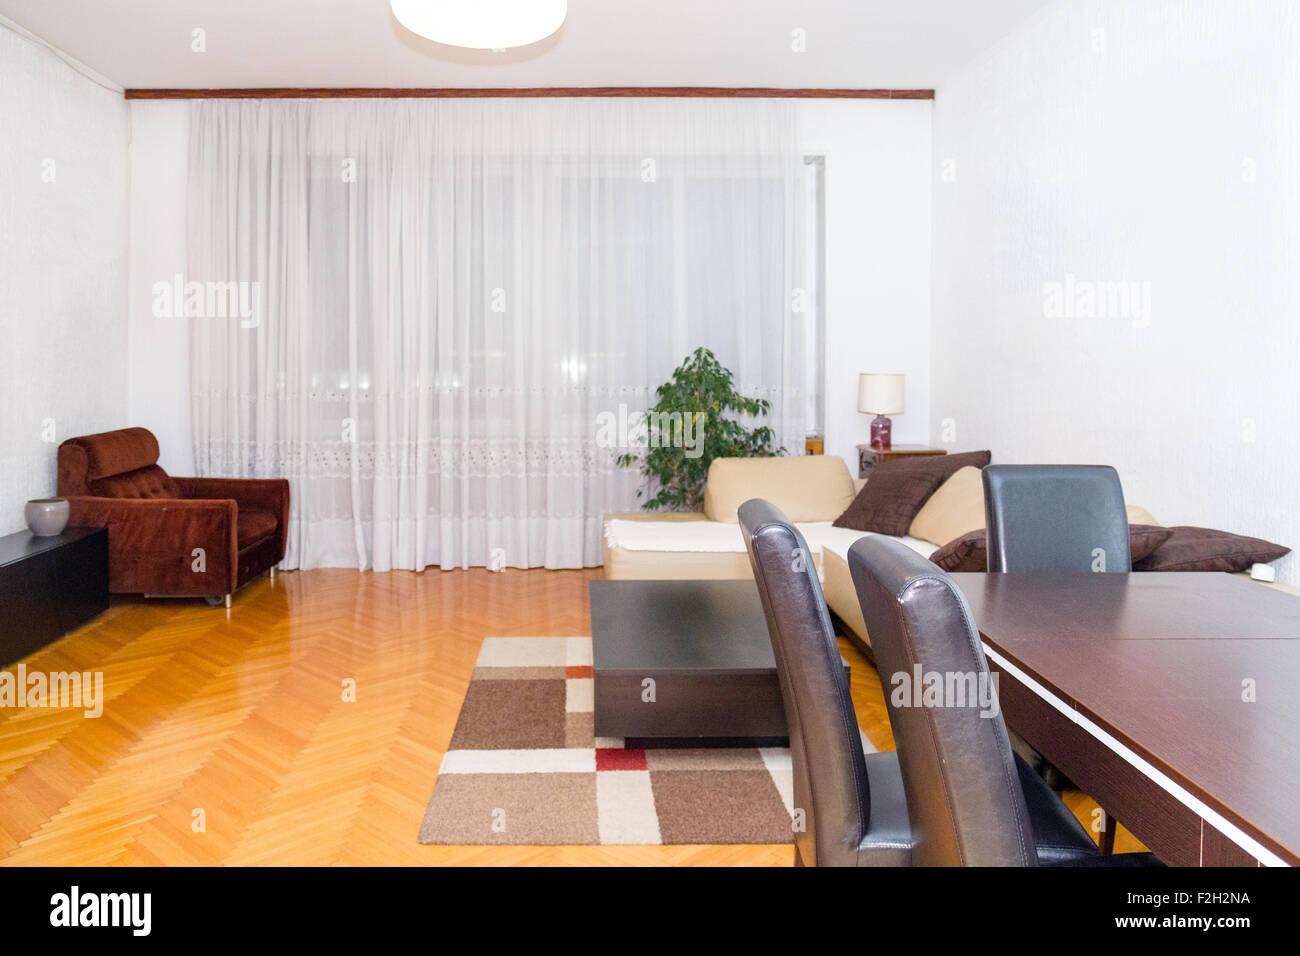 Interno Armadio Ad Angolo.Pulire Moderno Salotto Interno Con Armadio E Tv Rack Confortevole